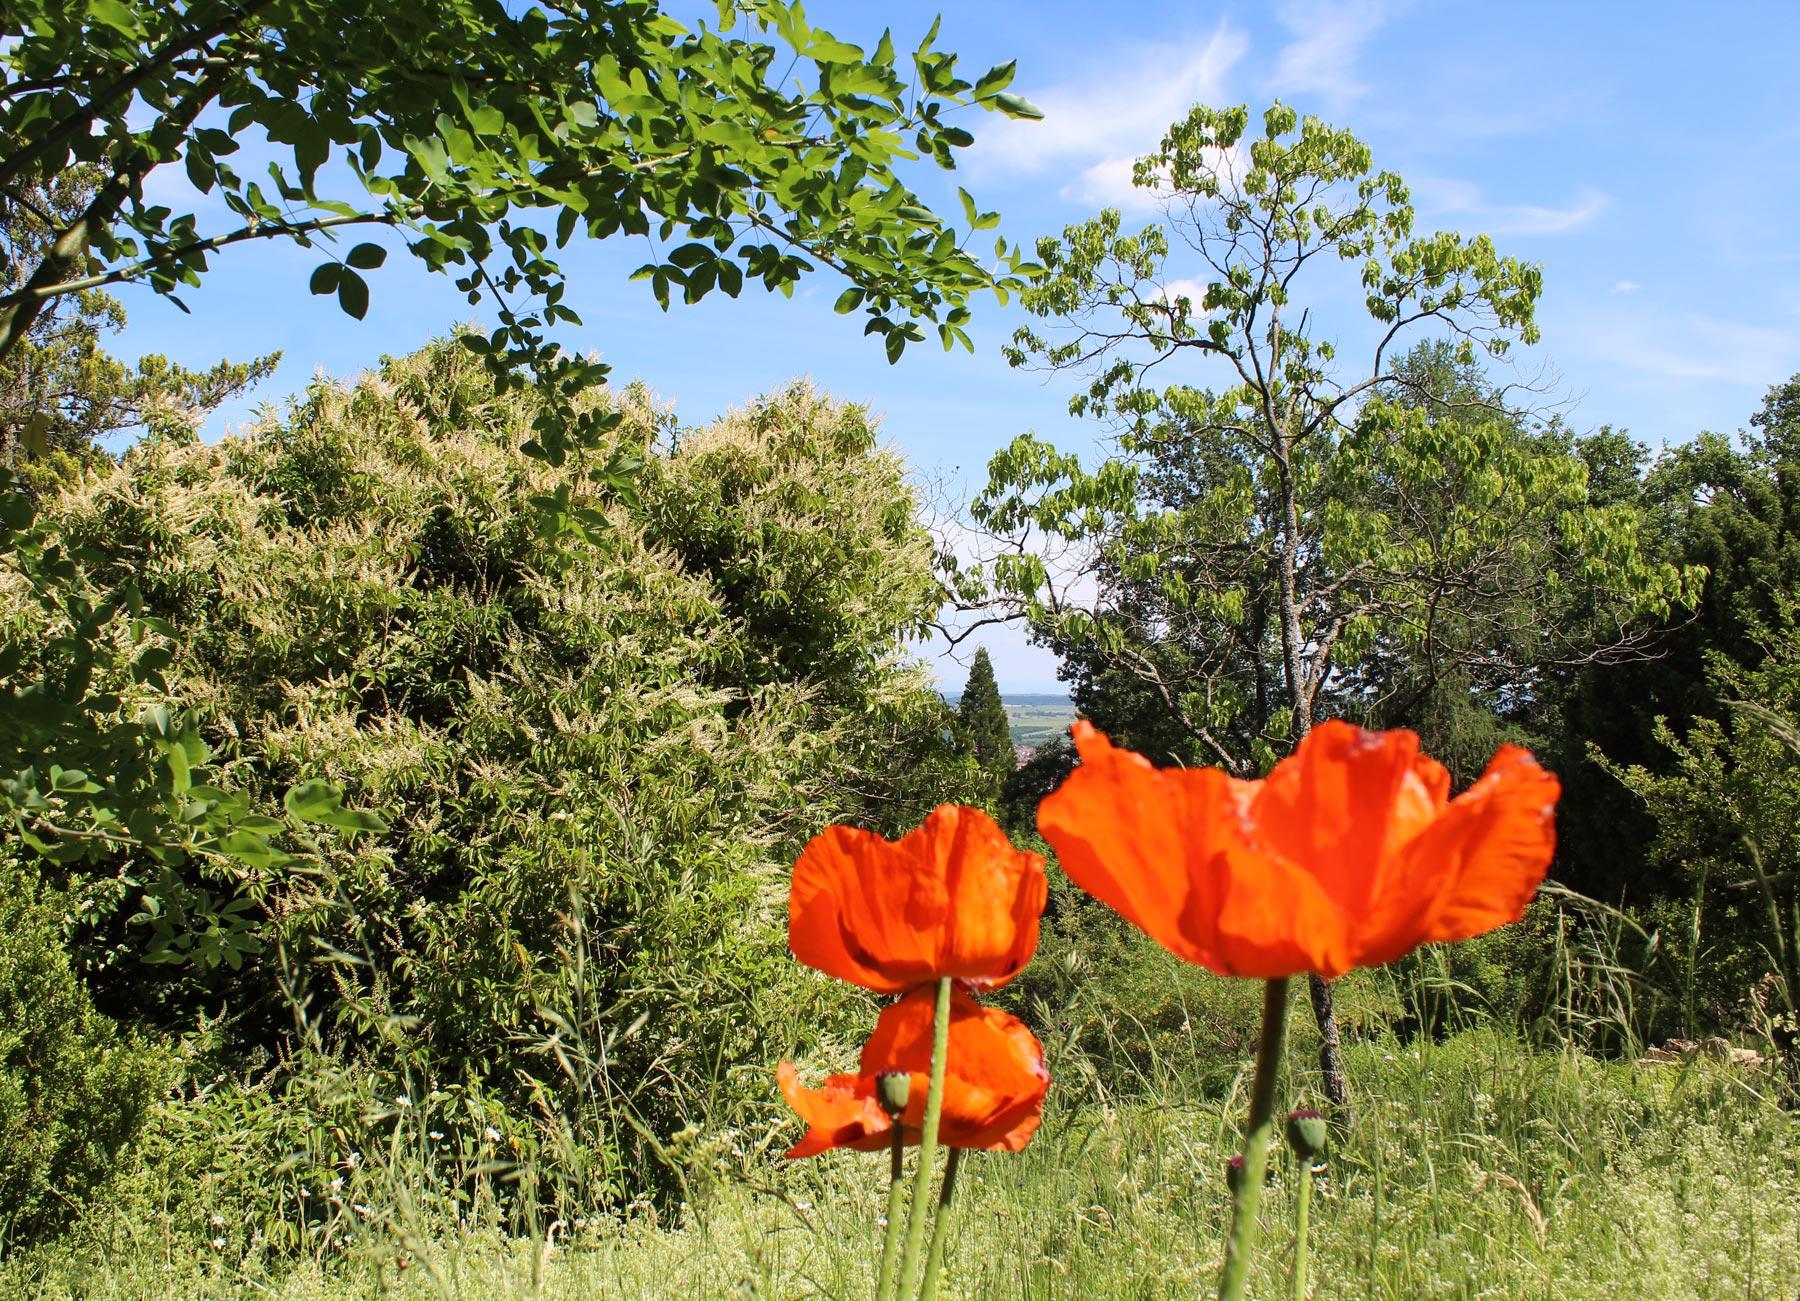 Office de tourisme du pays de saverne jardin botanique for Jardin anglais allemagne